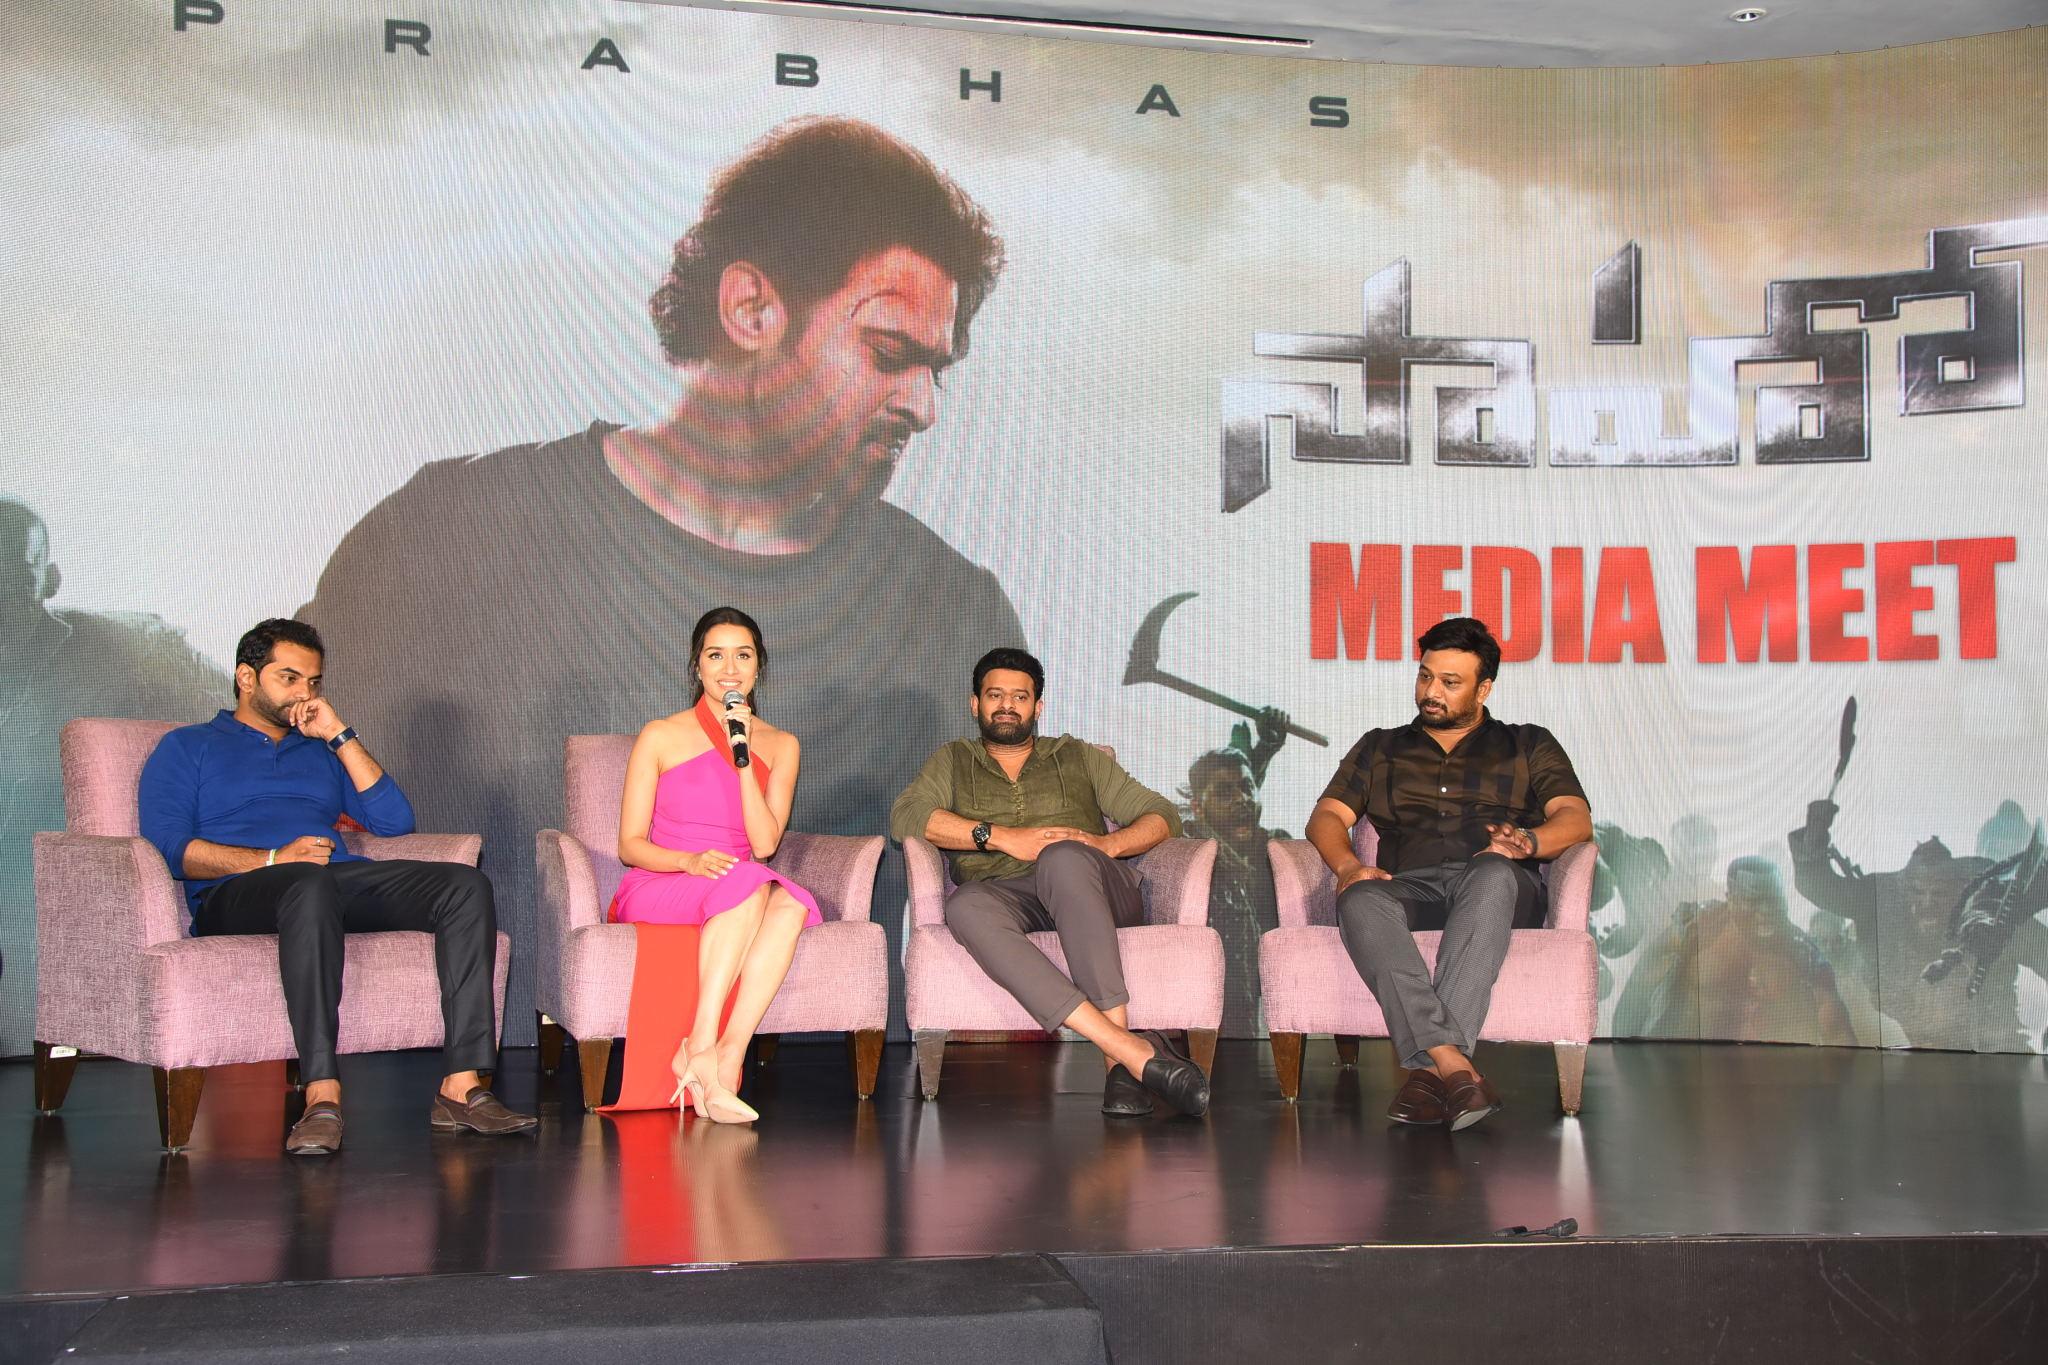 Prabhas Saaho Media Meet, 'సాహో' ప్రెస్  మీట్.. ఫొటోస్